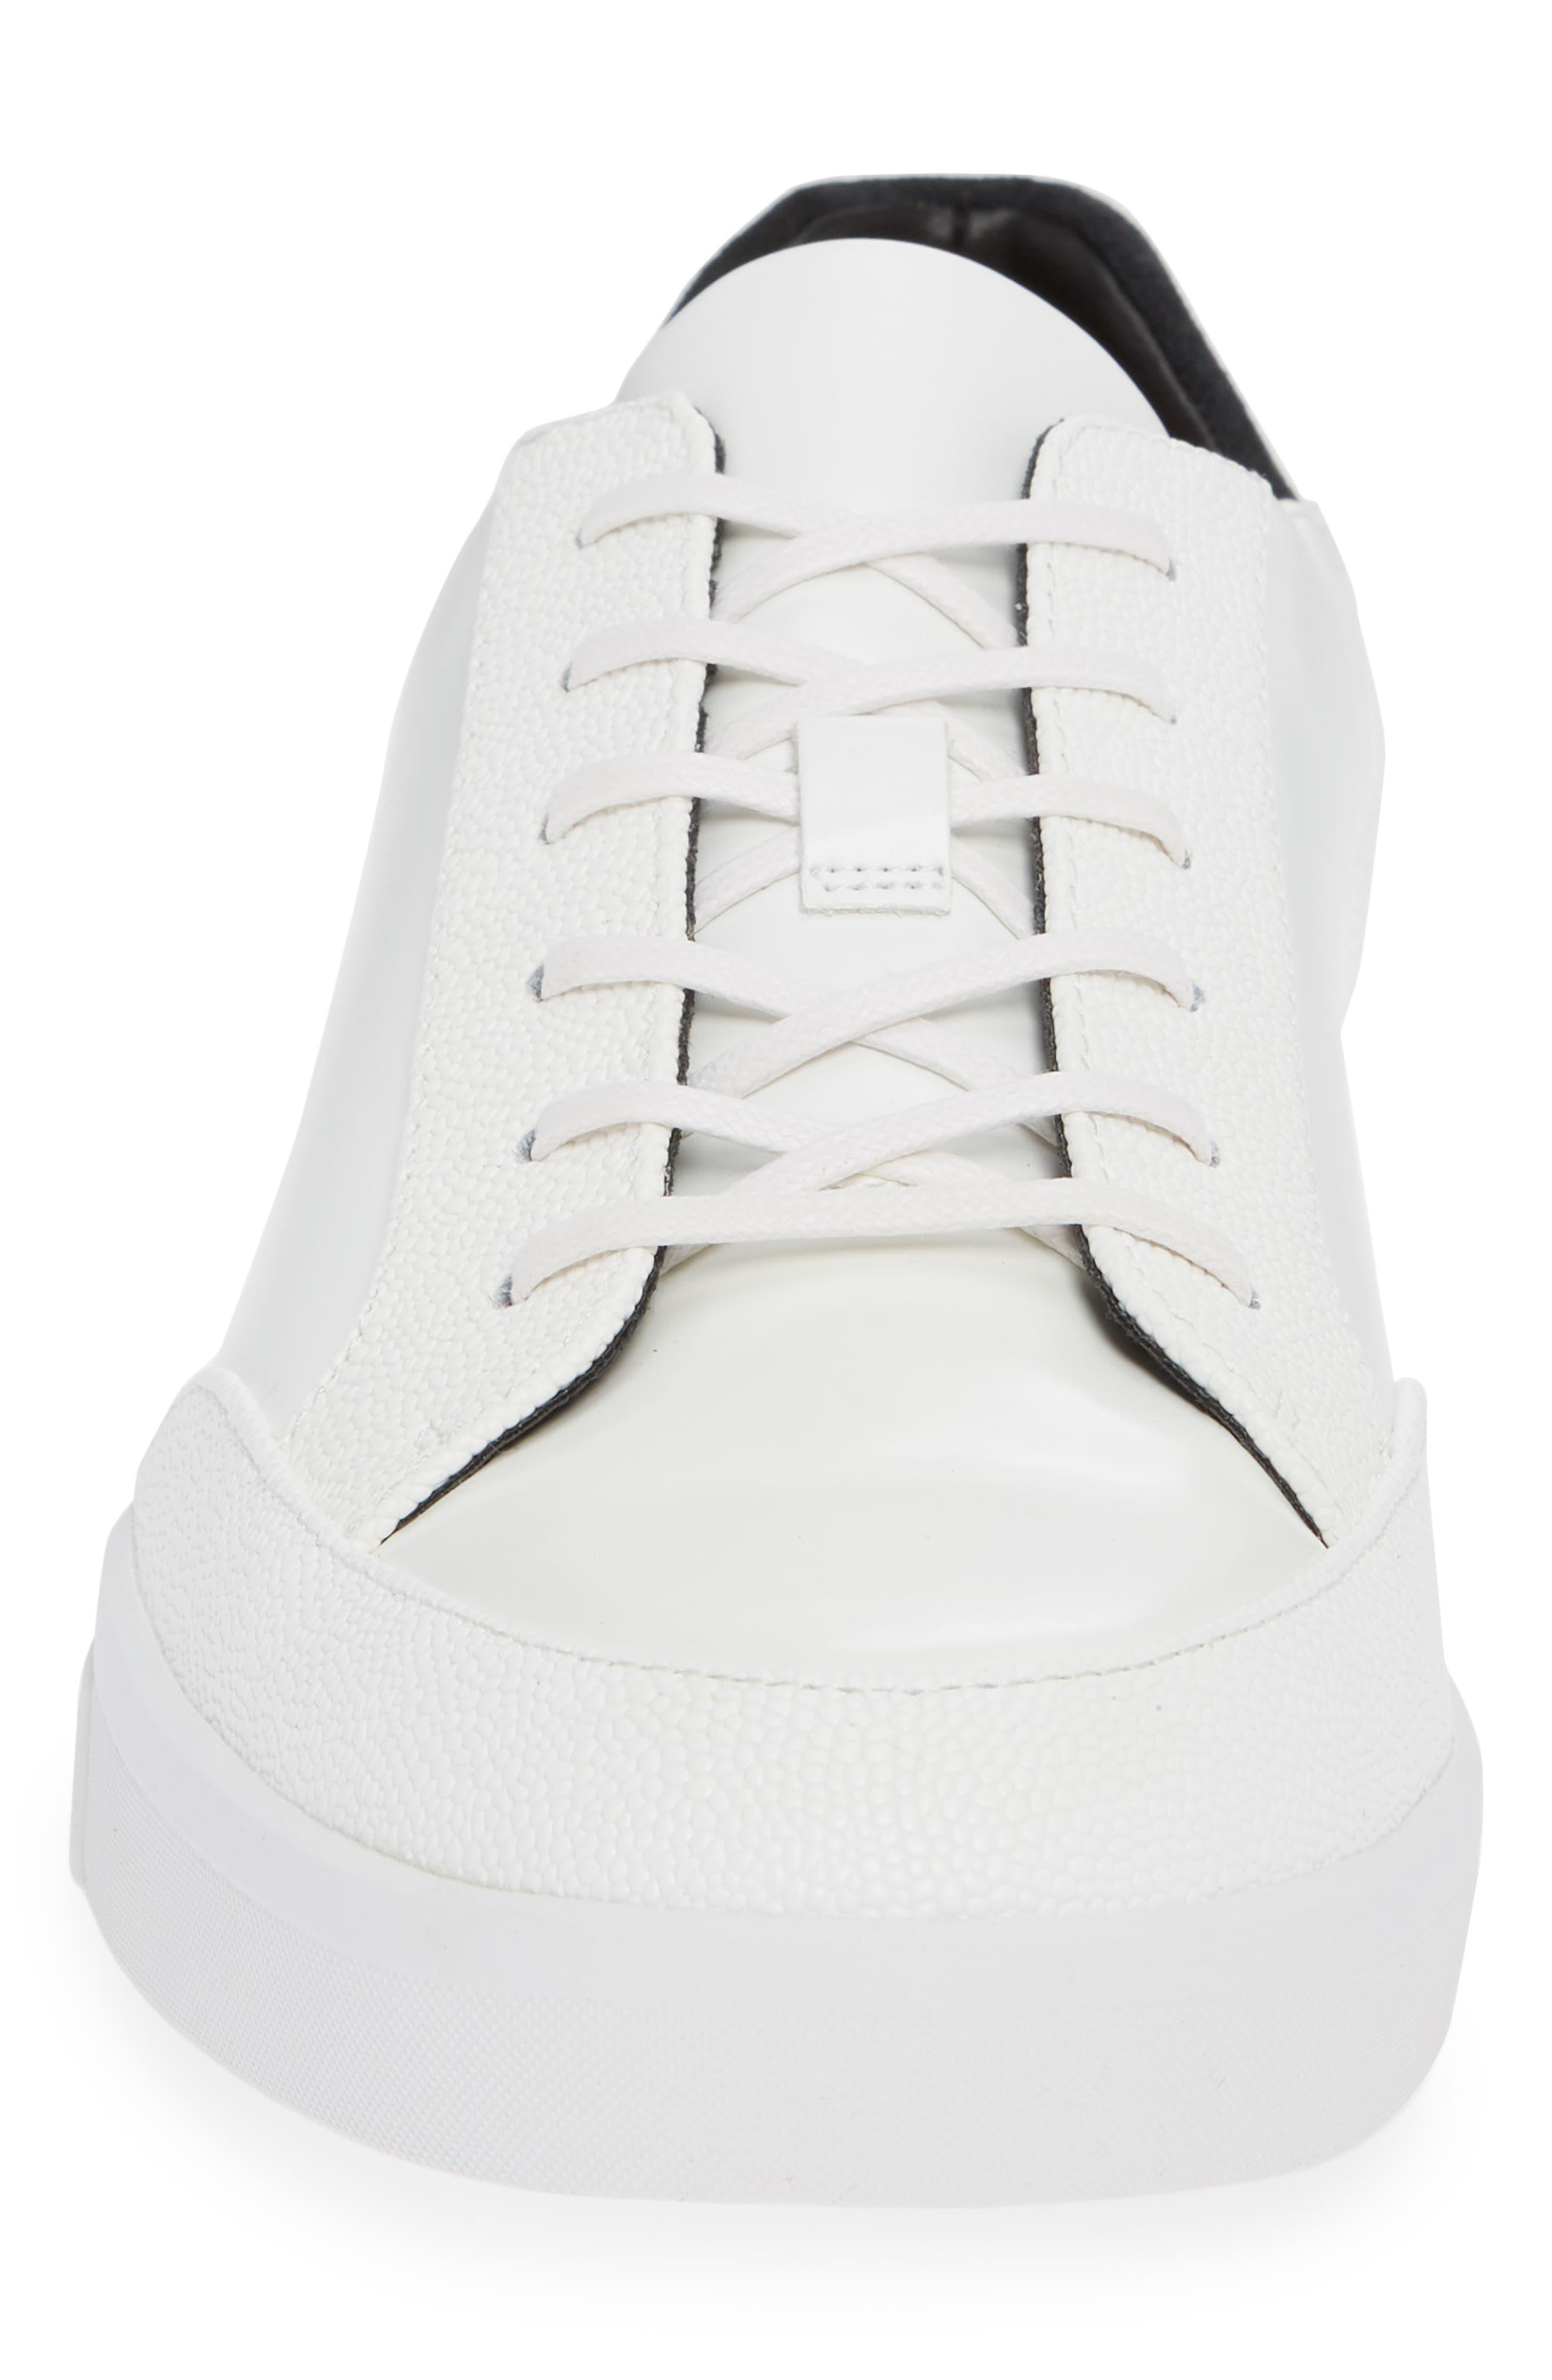 Izar Sneaker,                             Alternate thumbnail 4, color,                             WHITE LEATHER